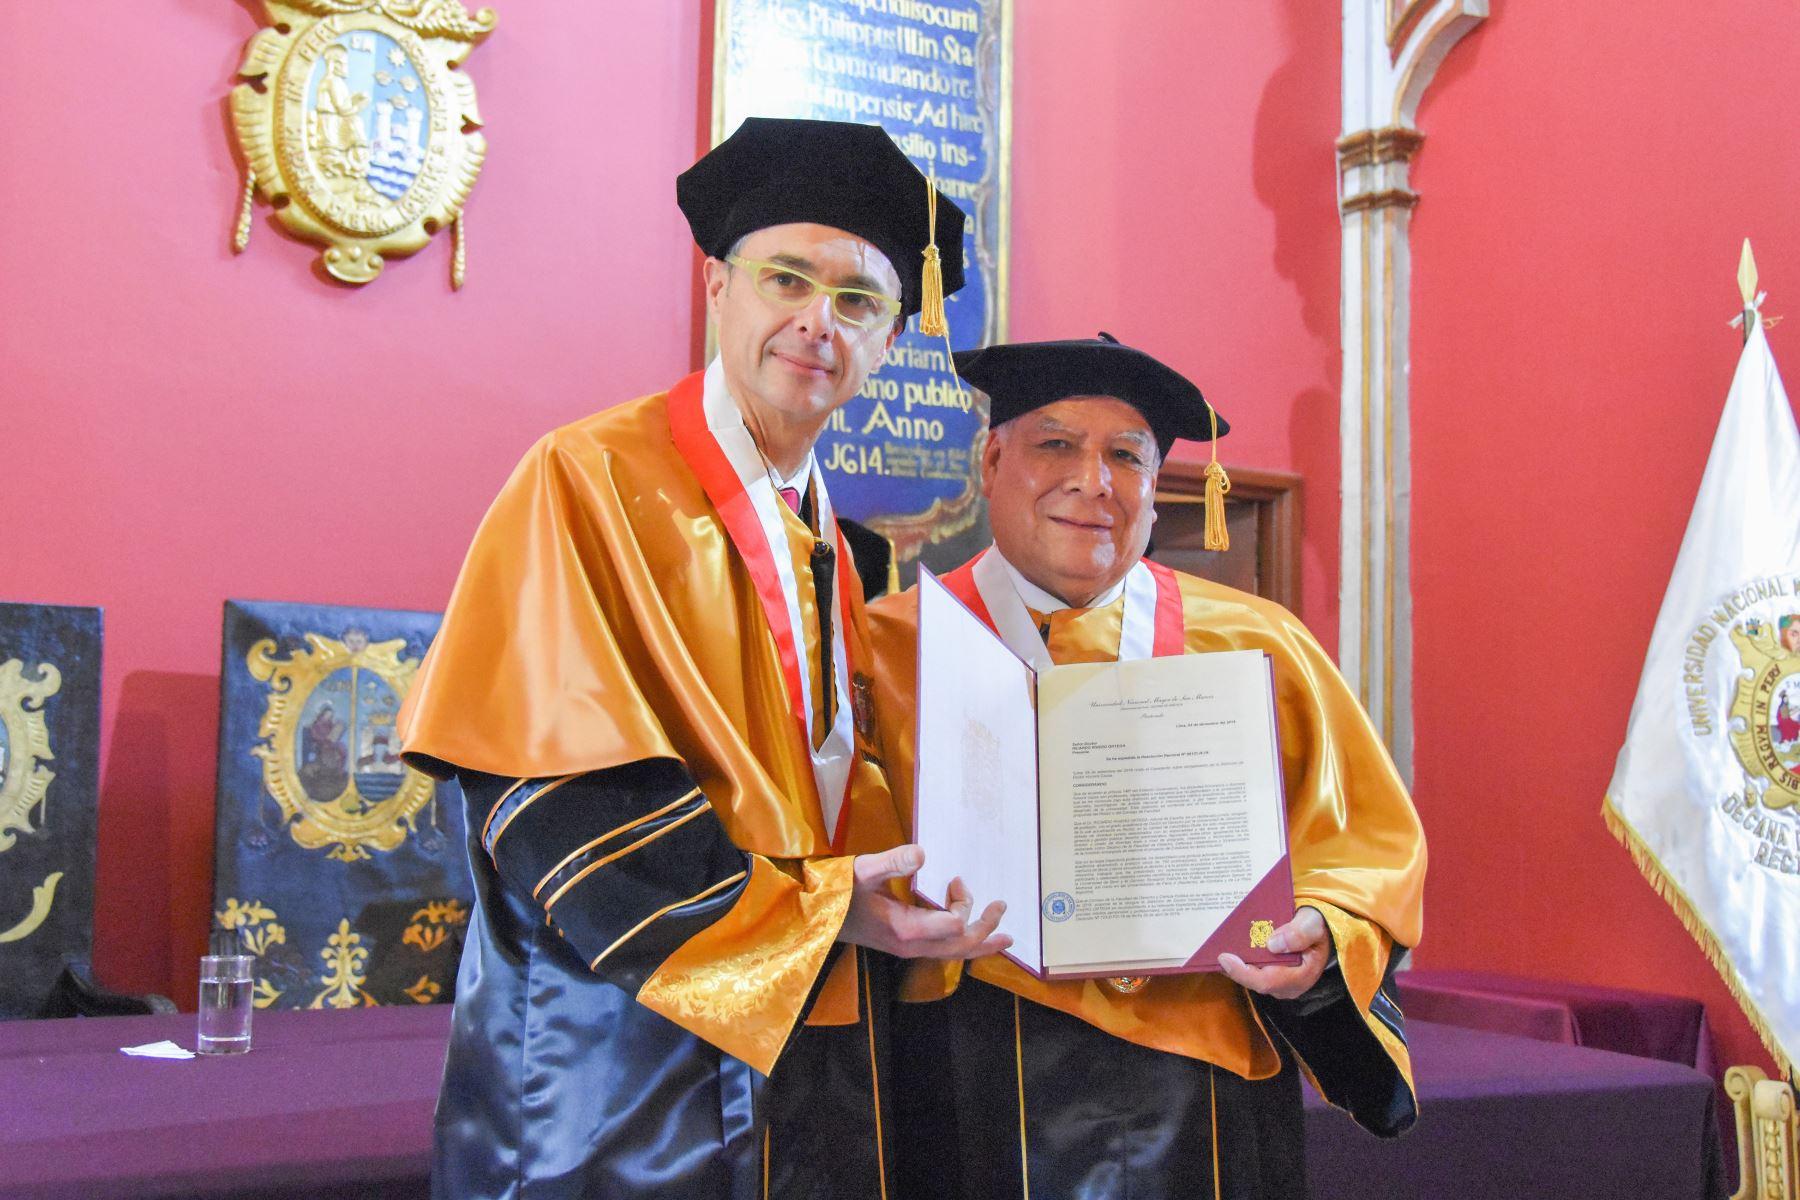 El rector de la Universidad de Salamanca, Ricardo Rivero Ortega (izq.), fue distinguido por San Marcos con el doctorado honoris causa.